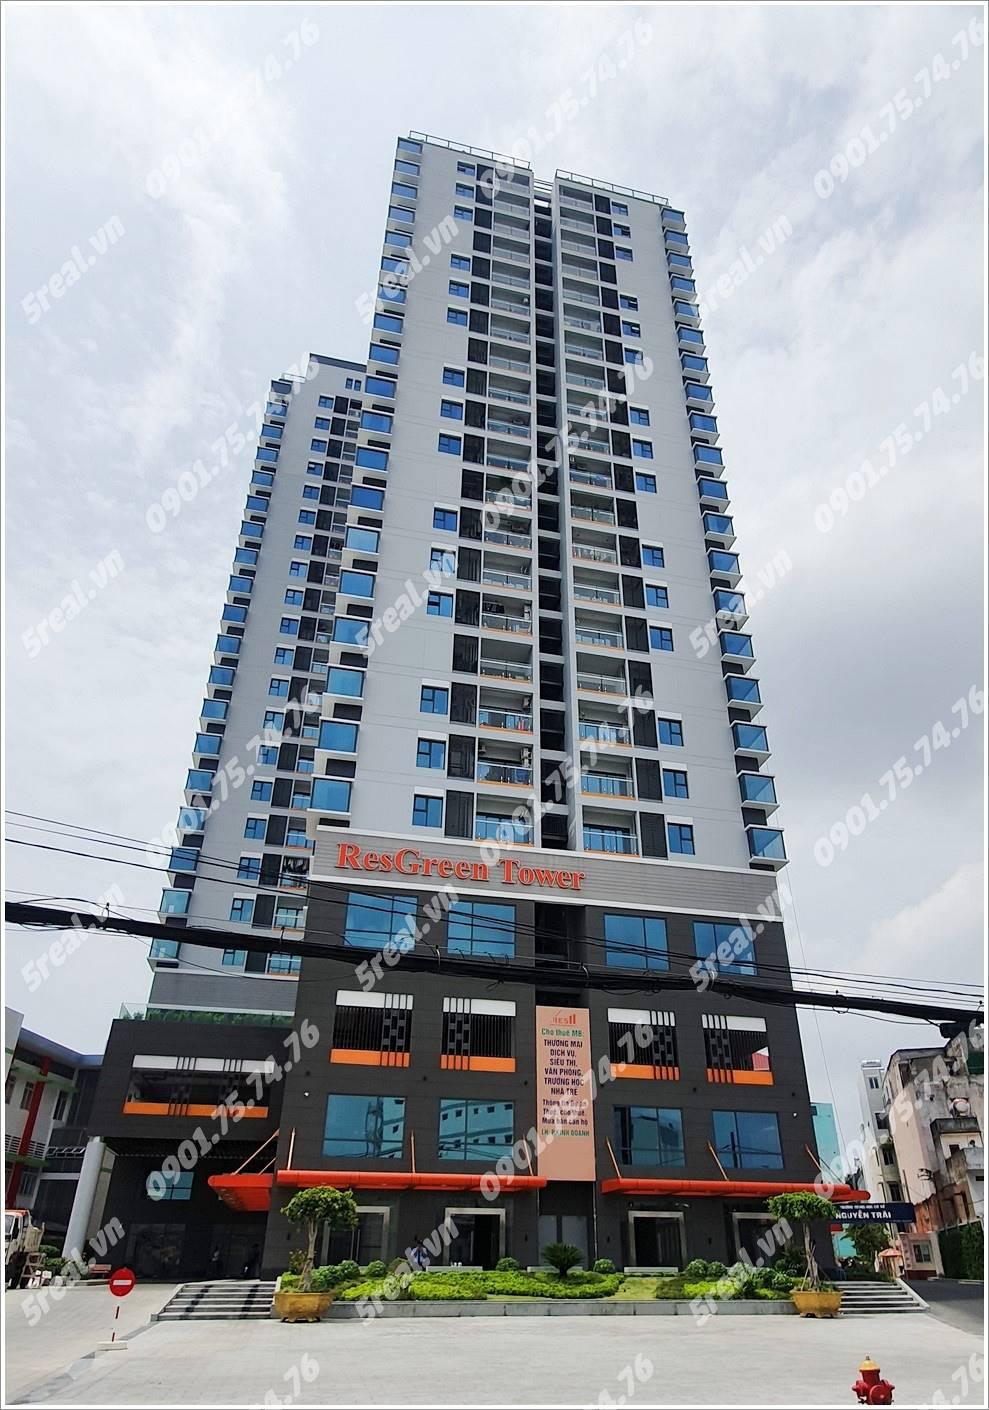 resgreen-tower-thoai-ngoc-hau-quan-tan-phu-van-phong-cho-thue-tphcm-5real.vn-01